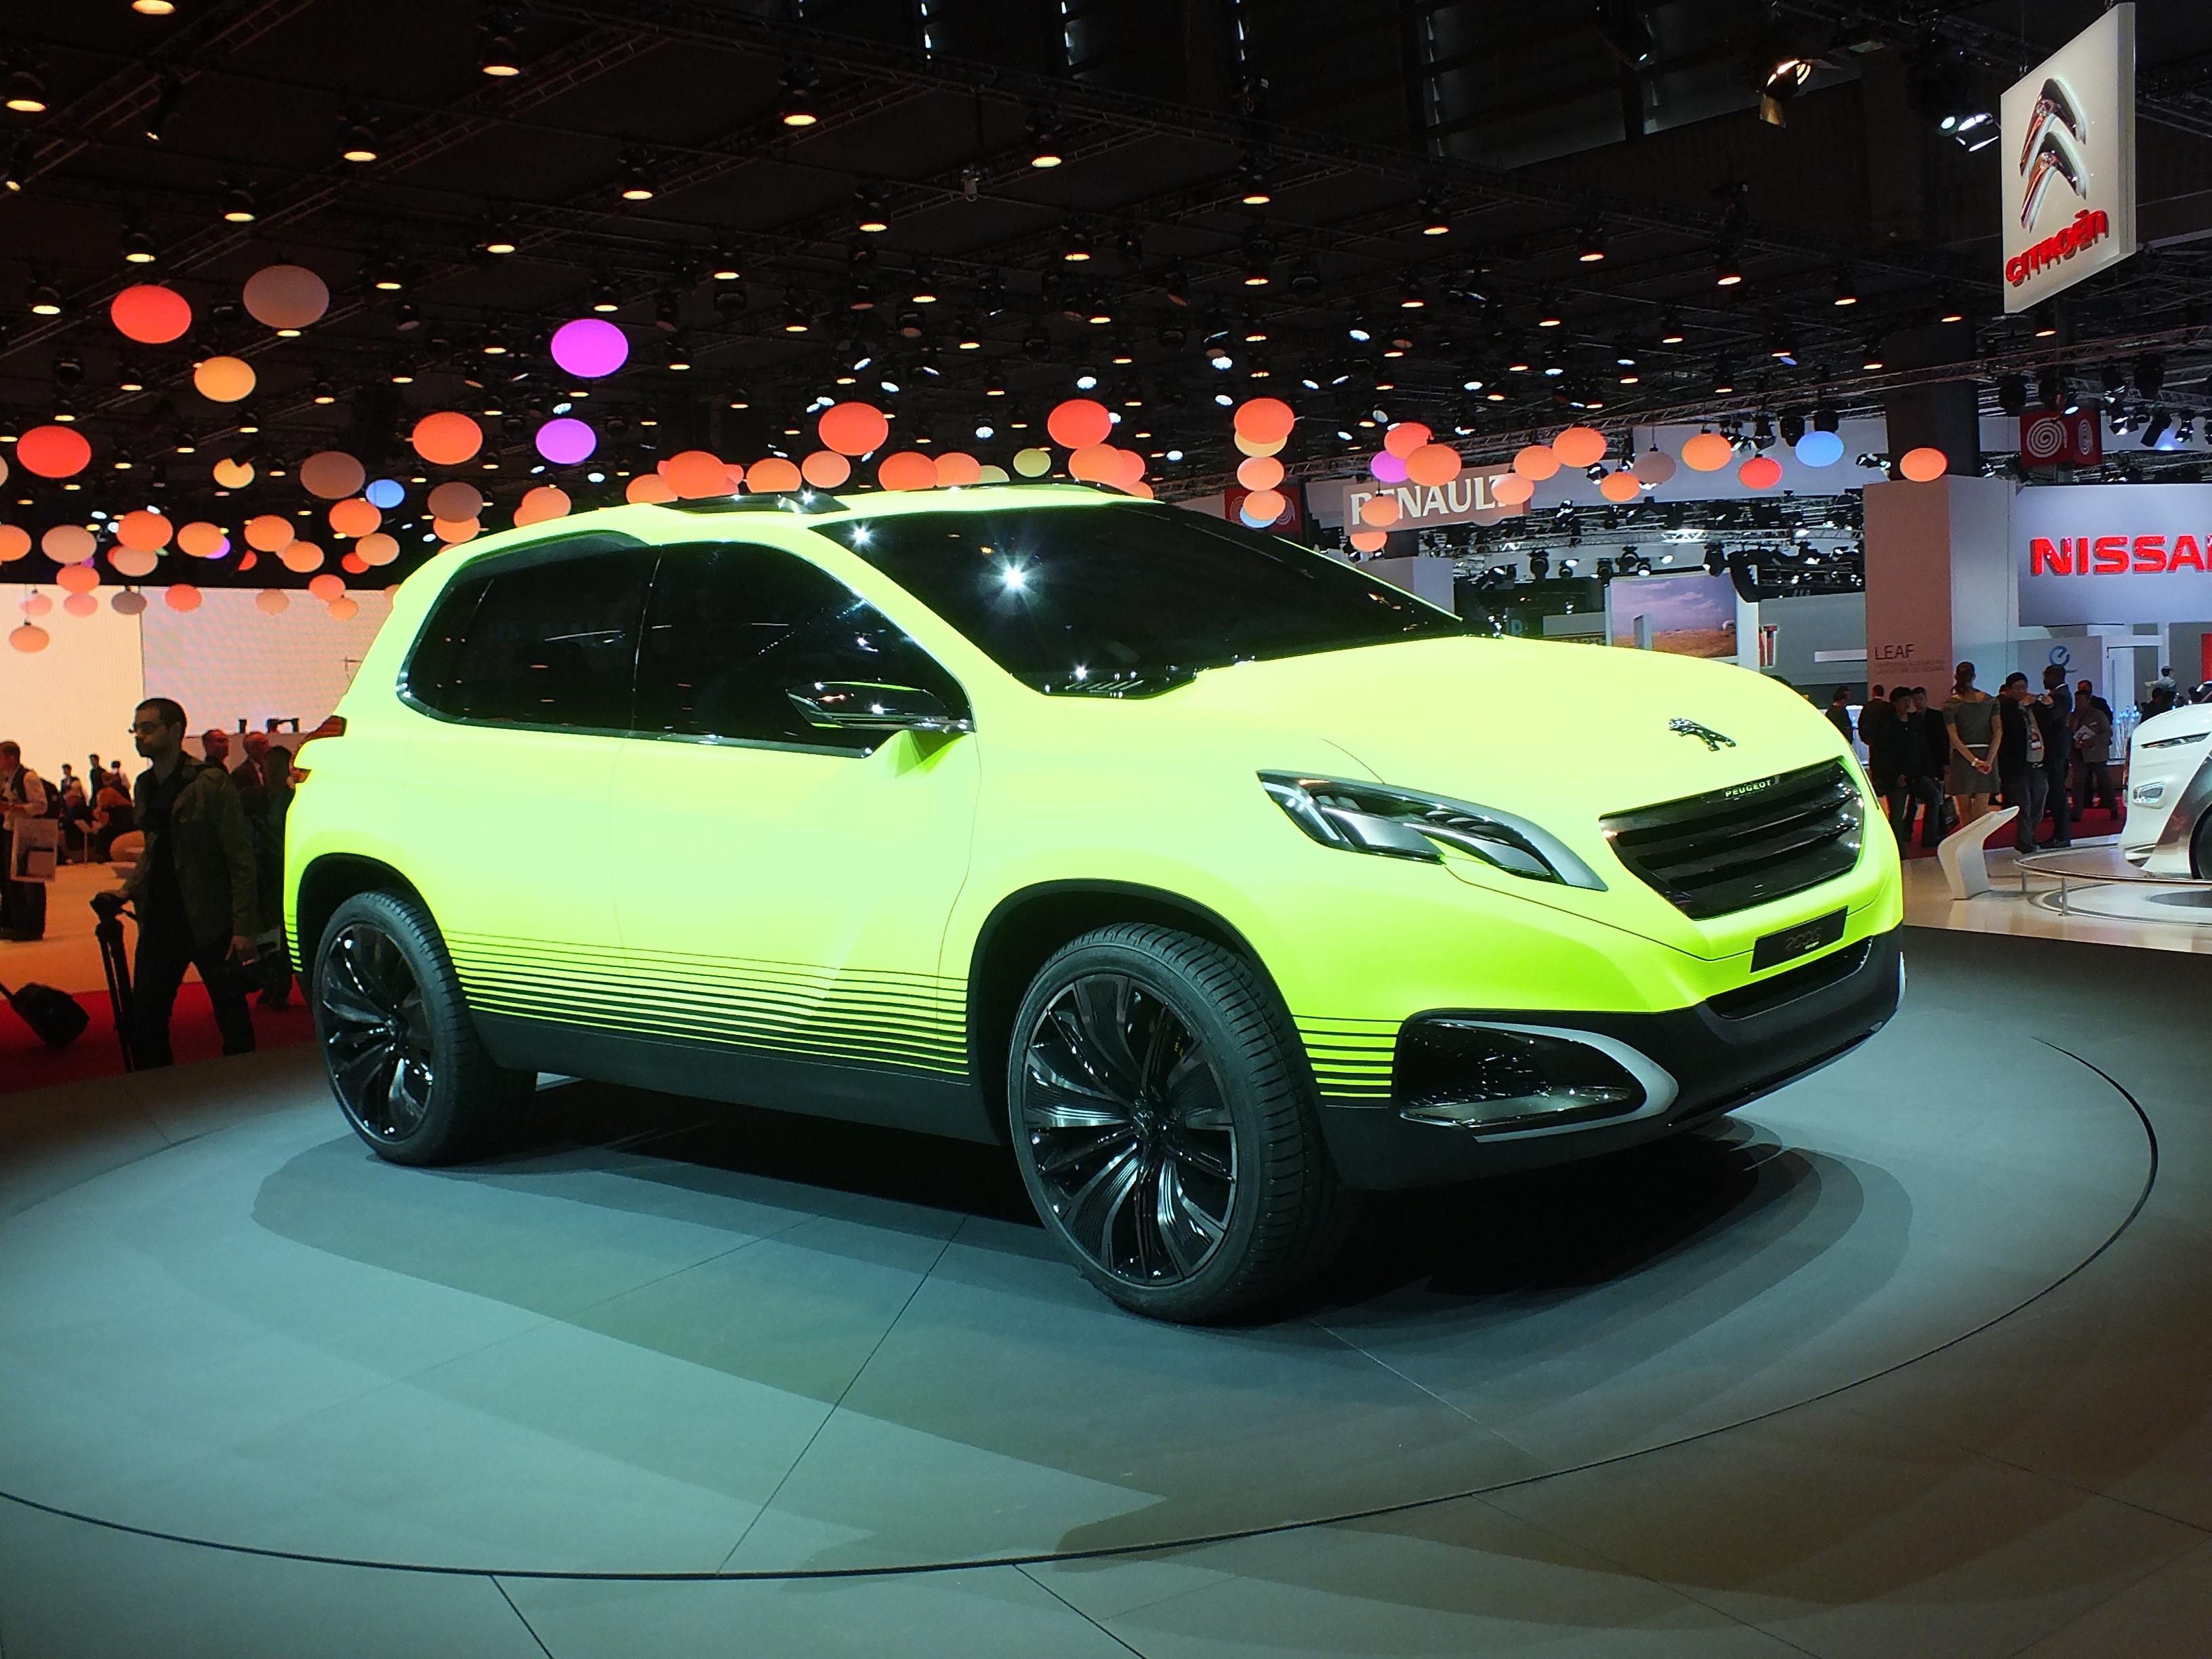 http://images.caradisiac.com/images/1/4/2/5/81425/S0-En-direct-du-Mondial-2012-le-Peugeot-2008-Concept-il-brille-dans-le-noir-273824.jpg